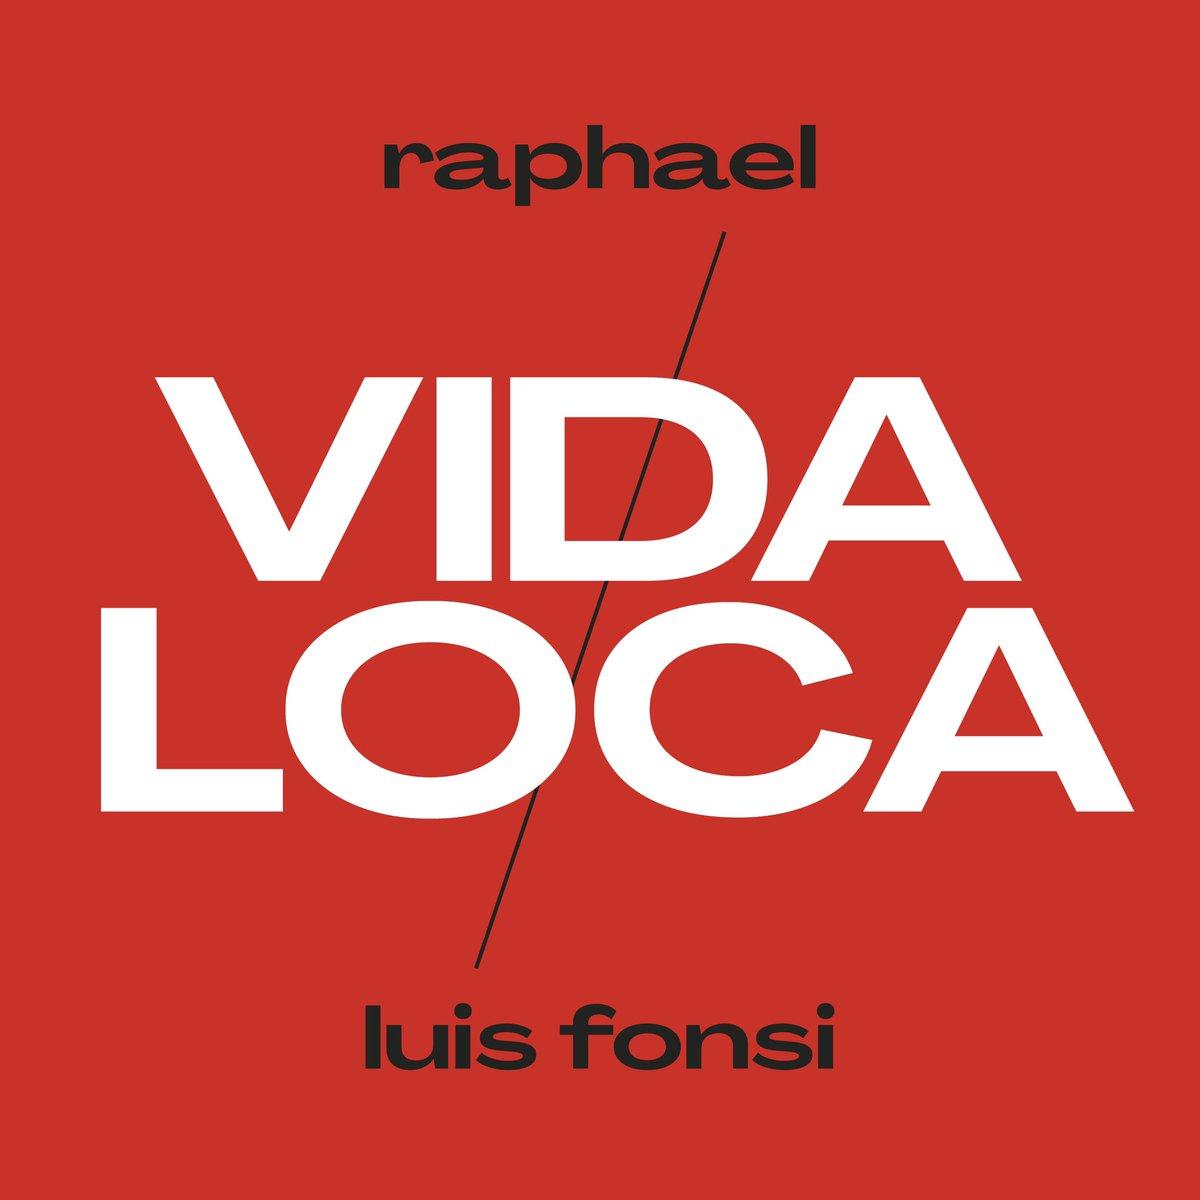 Buenos días gente maravillosa!!Querido @LuisFonsi , qué bonito cantaste nuestra versión de 'Vida Loca'! Un lujo tenerte en este gran proyecto! Gran abrazo, raphael    #Raphael60